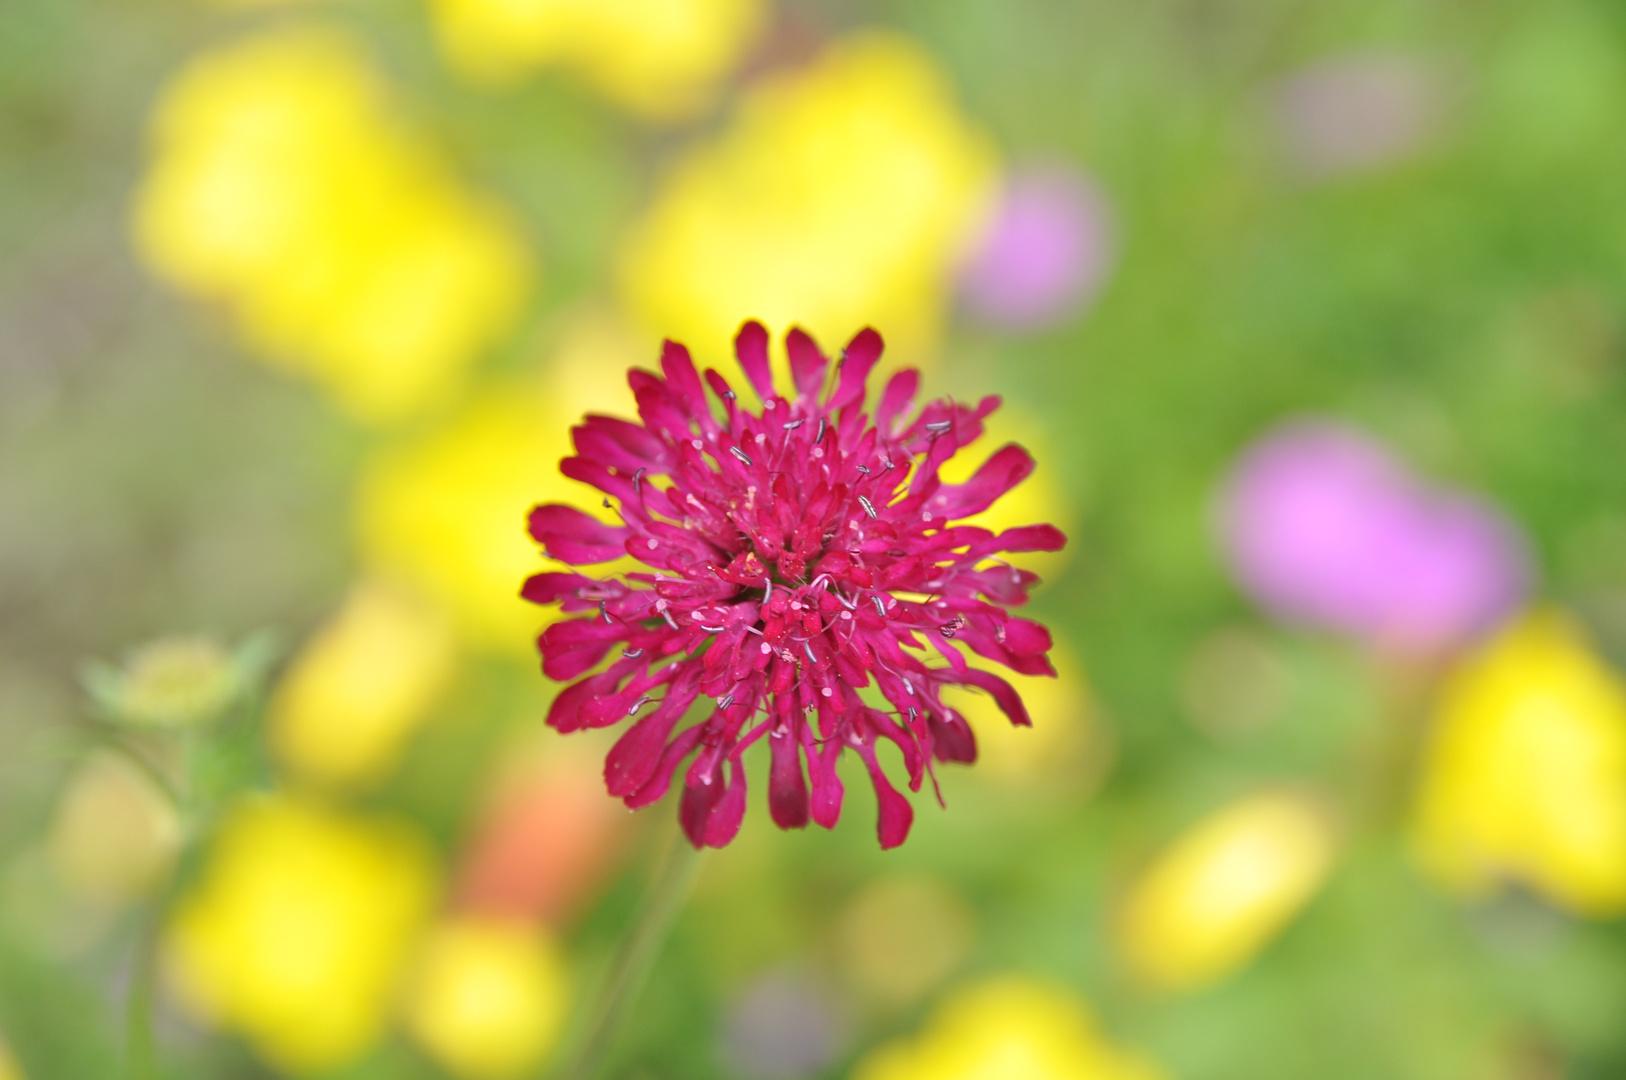 Fliegende Blume